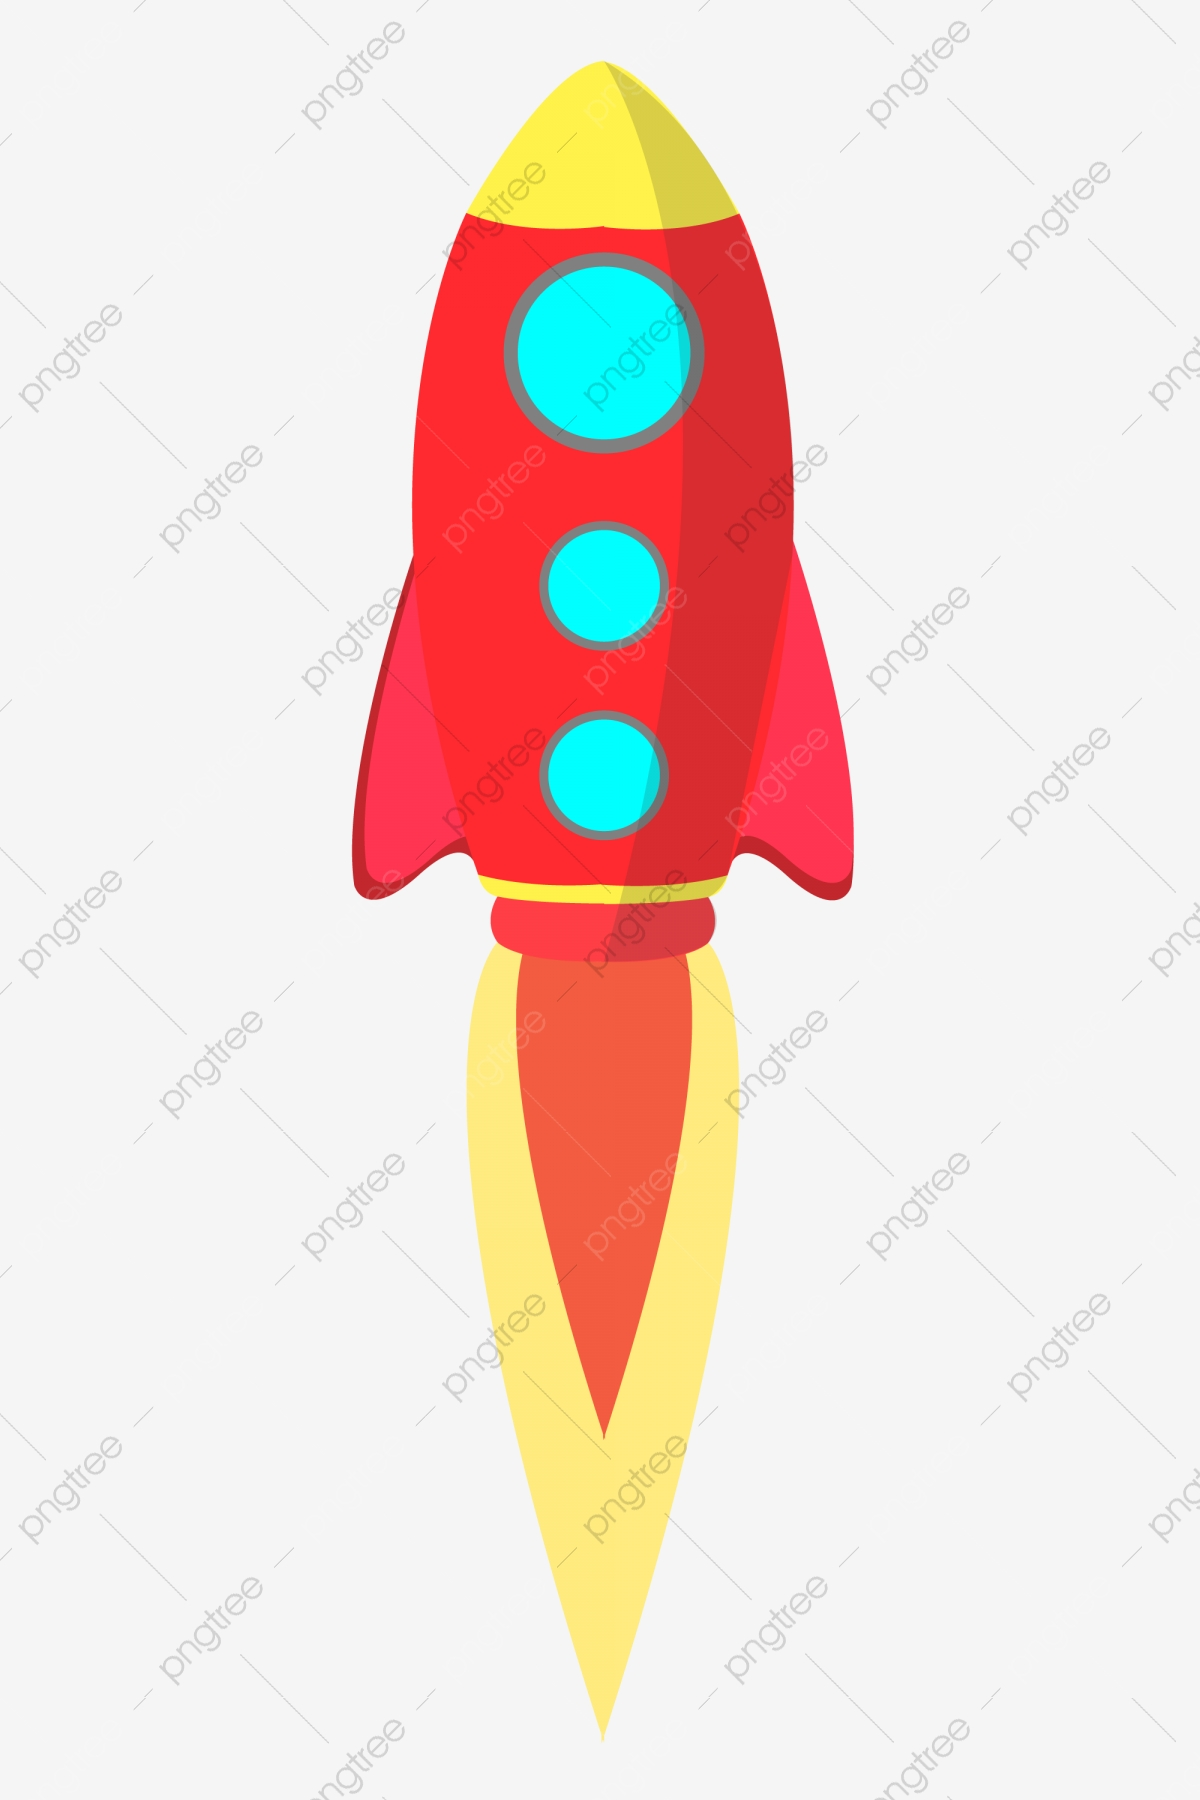 صاروخ بسيط صاروخ فضائي صاروخ إبداعي رسم صاروخ صاروخ القصاصات صاروخ بسيط صاروخ فضائي Png والمتجهات للتحميل مجانا